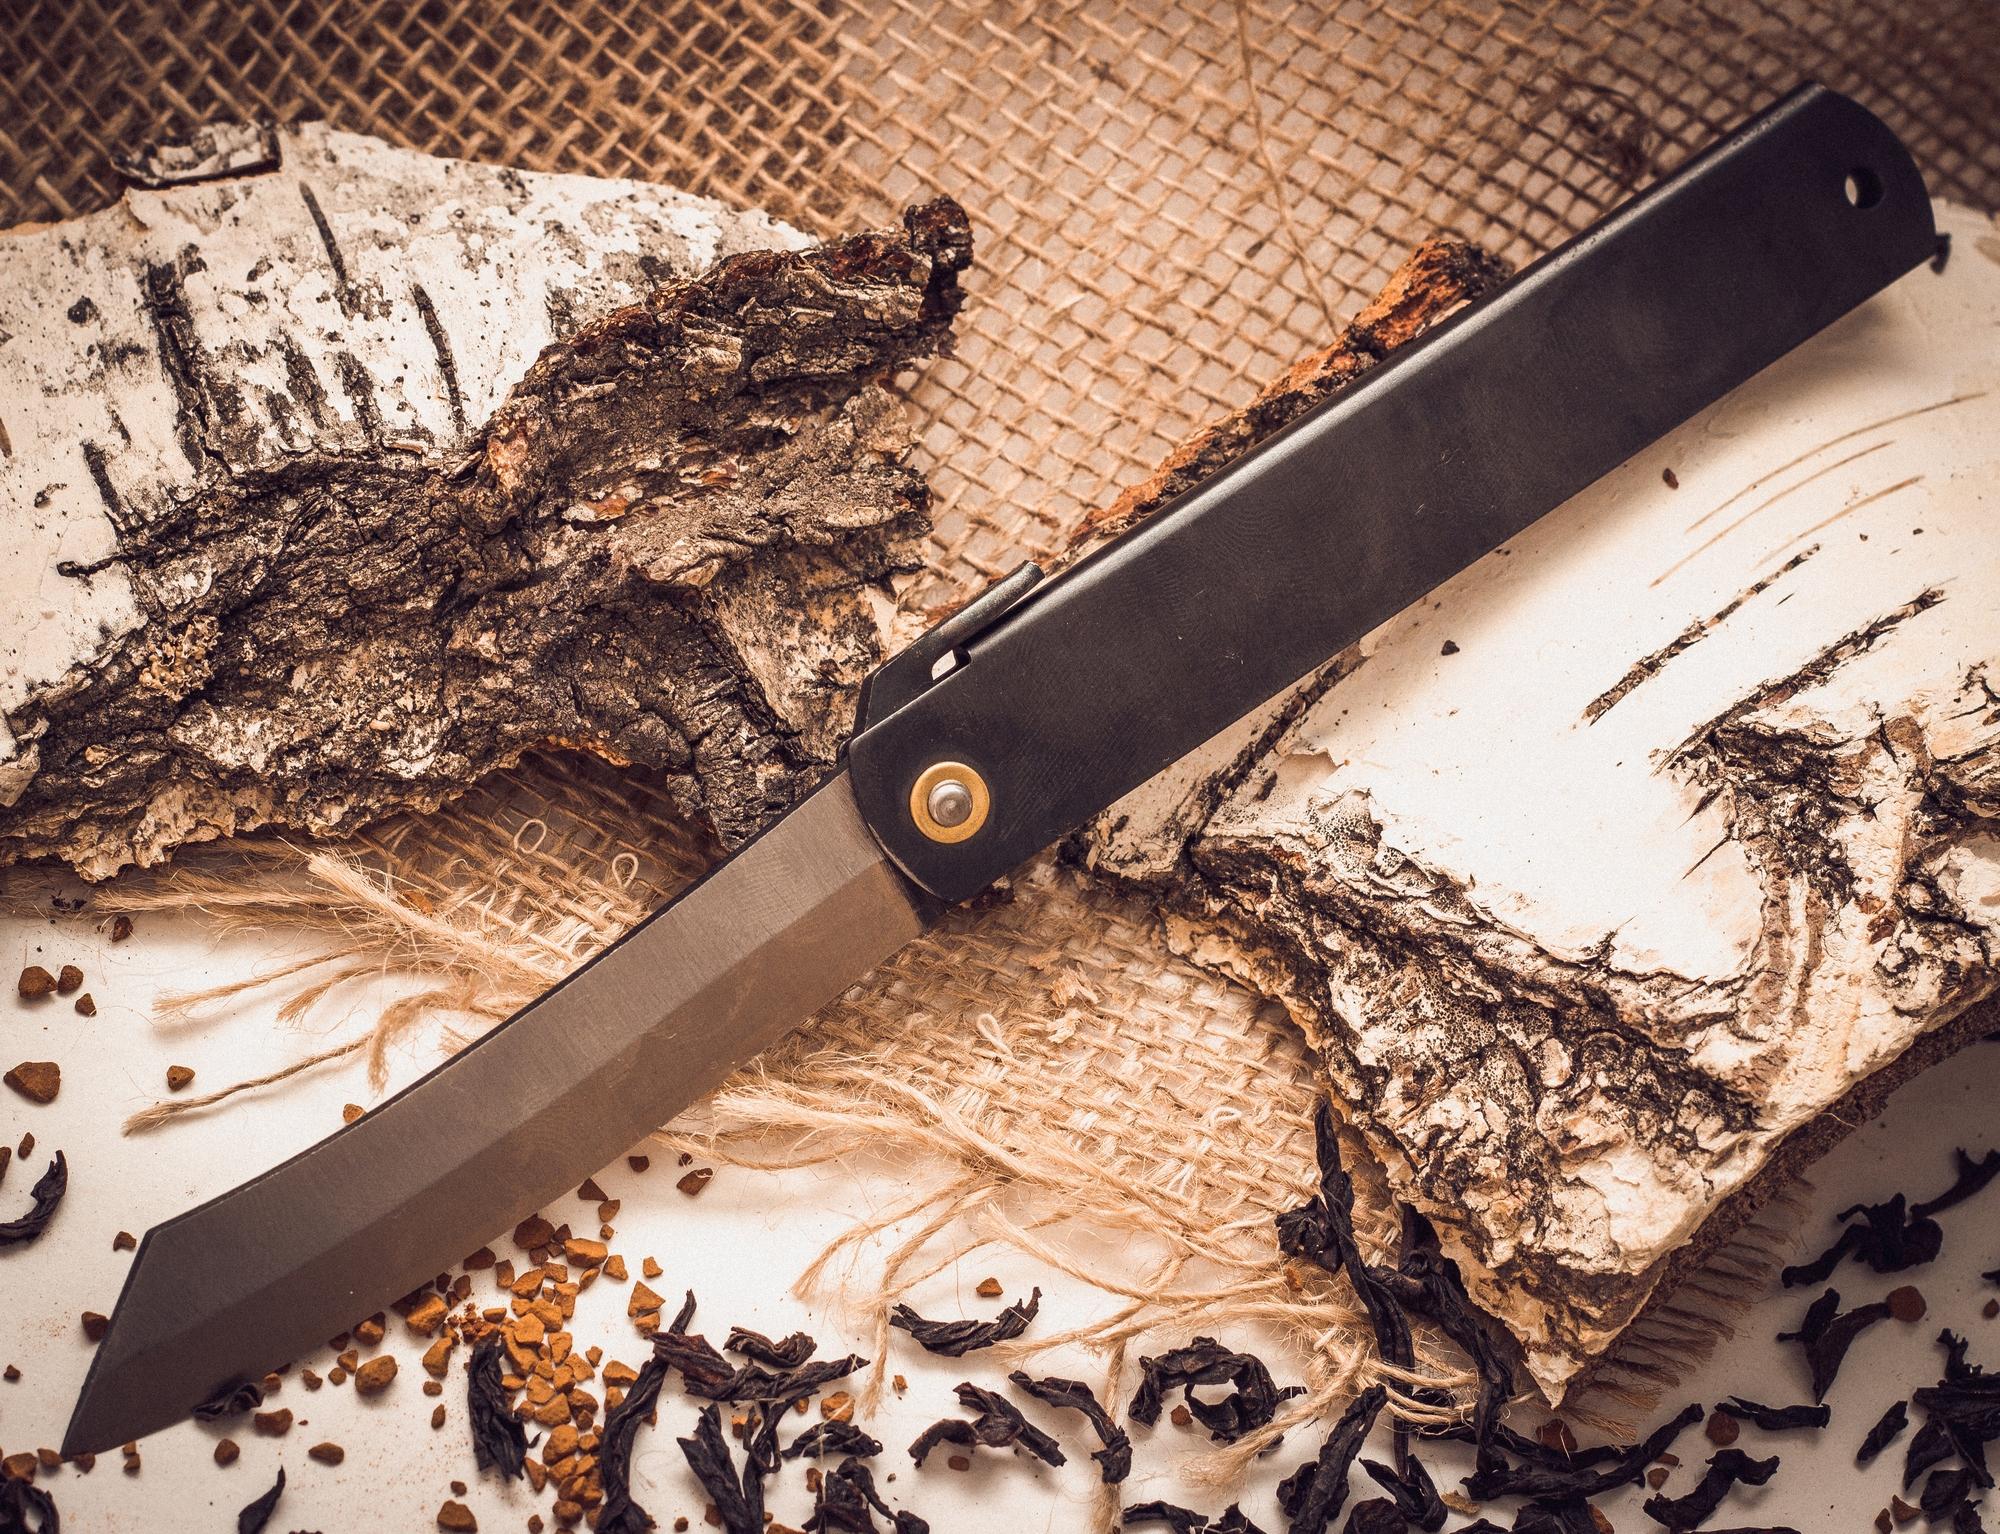 Нож складной, клинок 80мм Hight carbon, рукоять черная, Nagao Higonokami складной нож ippon carbon